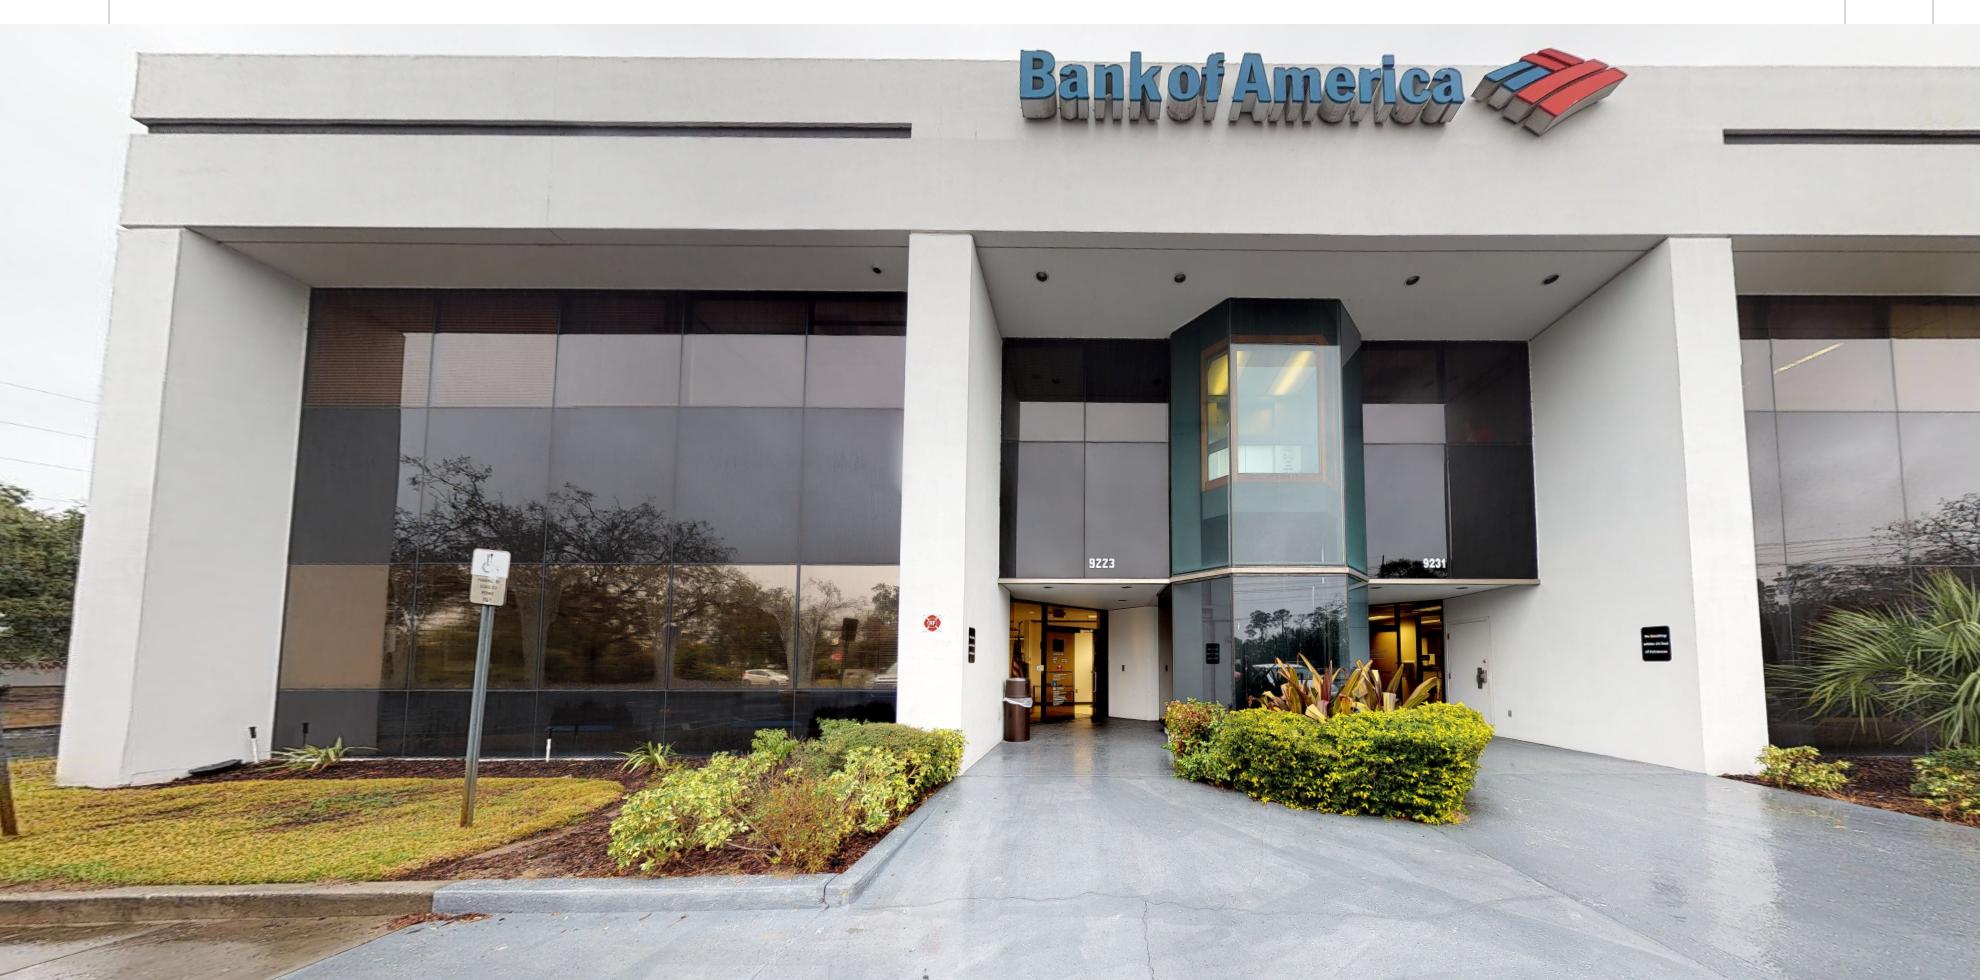 Bank of America financial center with drive-thru ATM | 9223 Cortez Blvd, Weeki Wachee, FL 34613